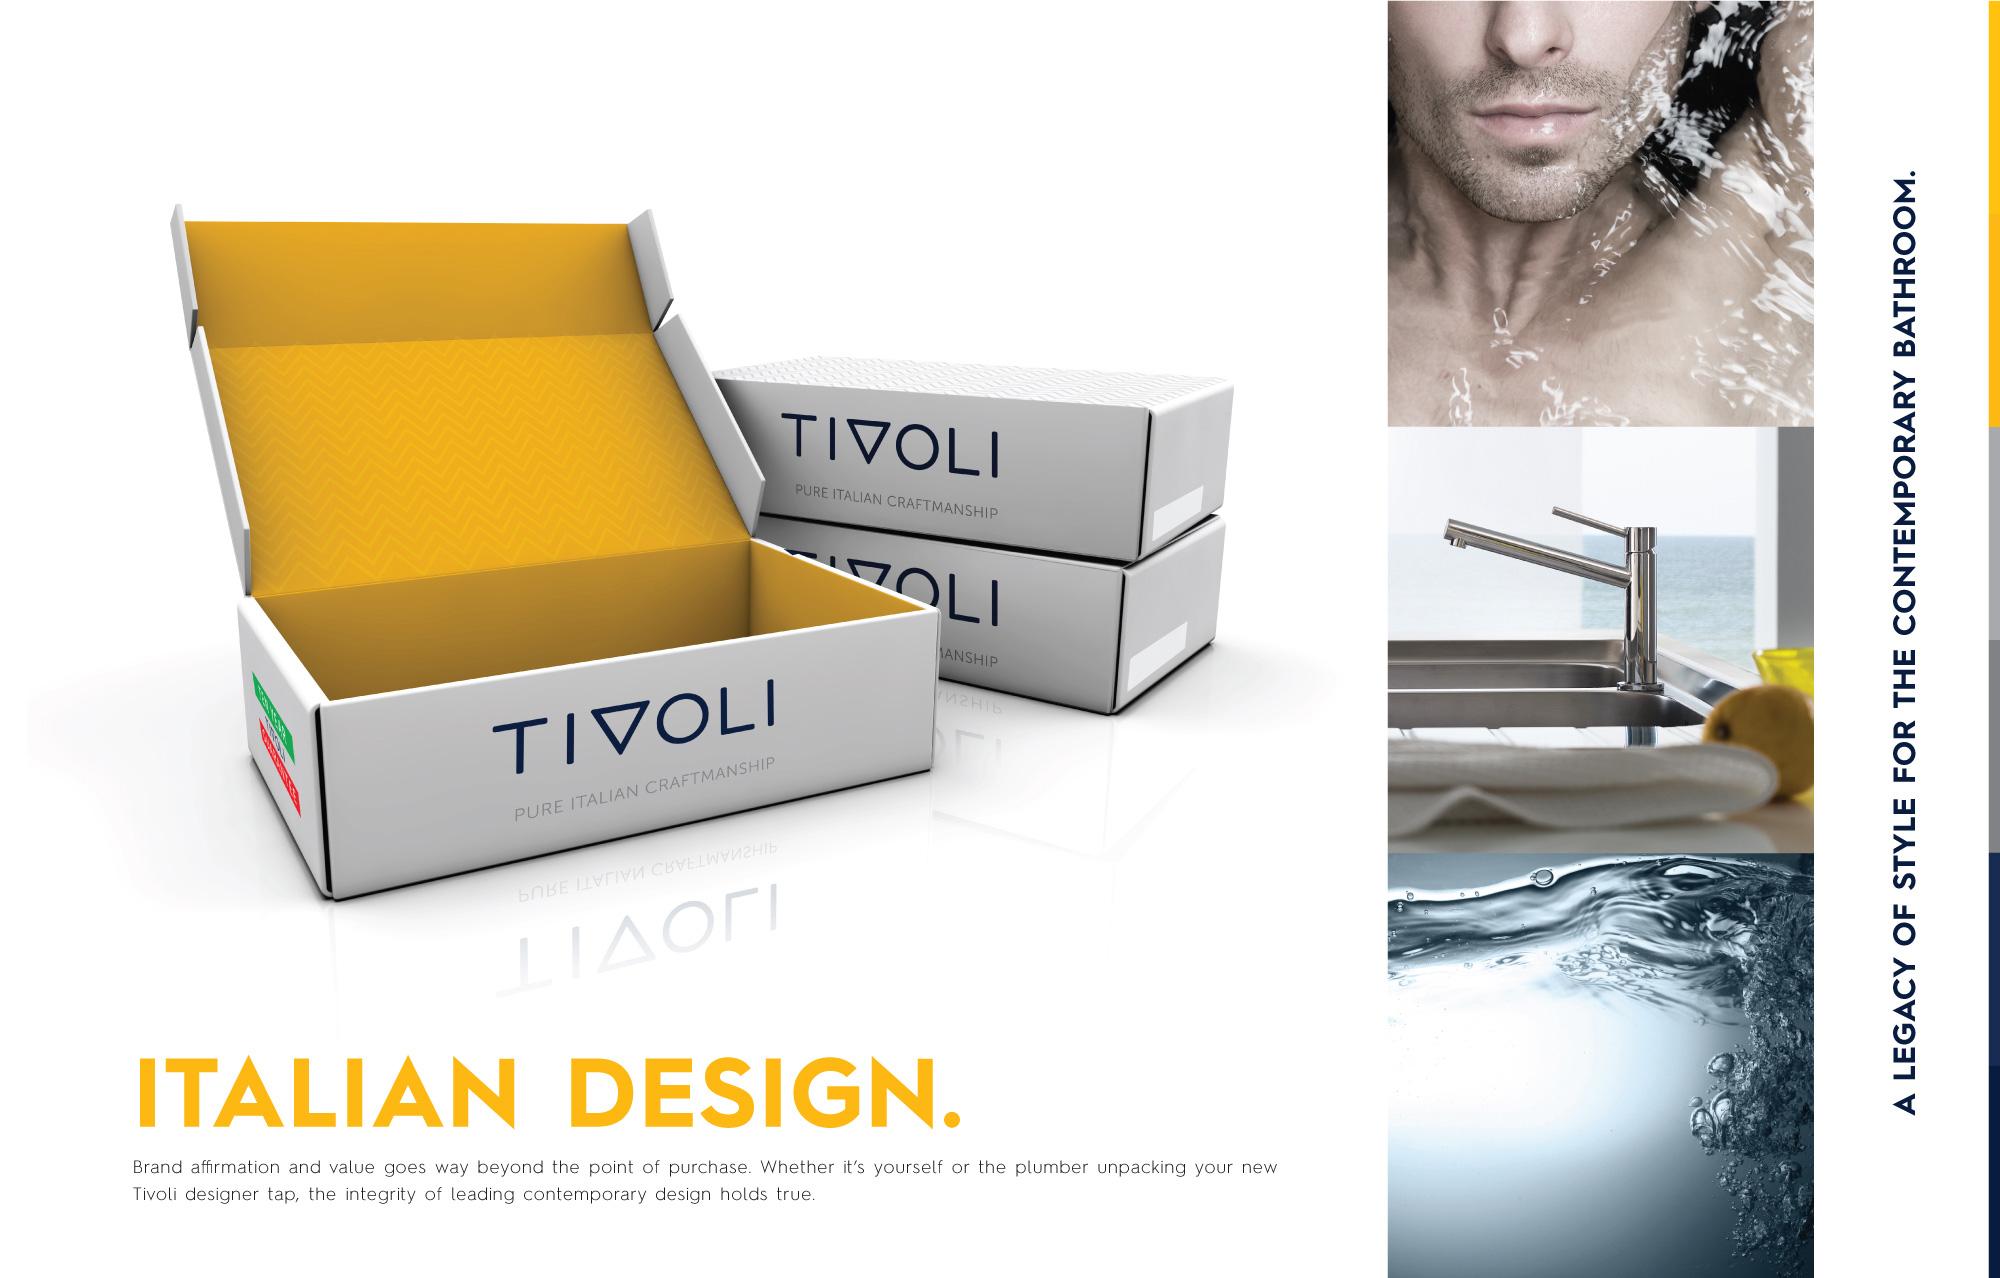 Tivoli-3